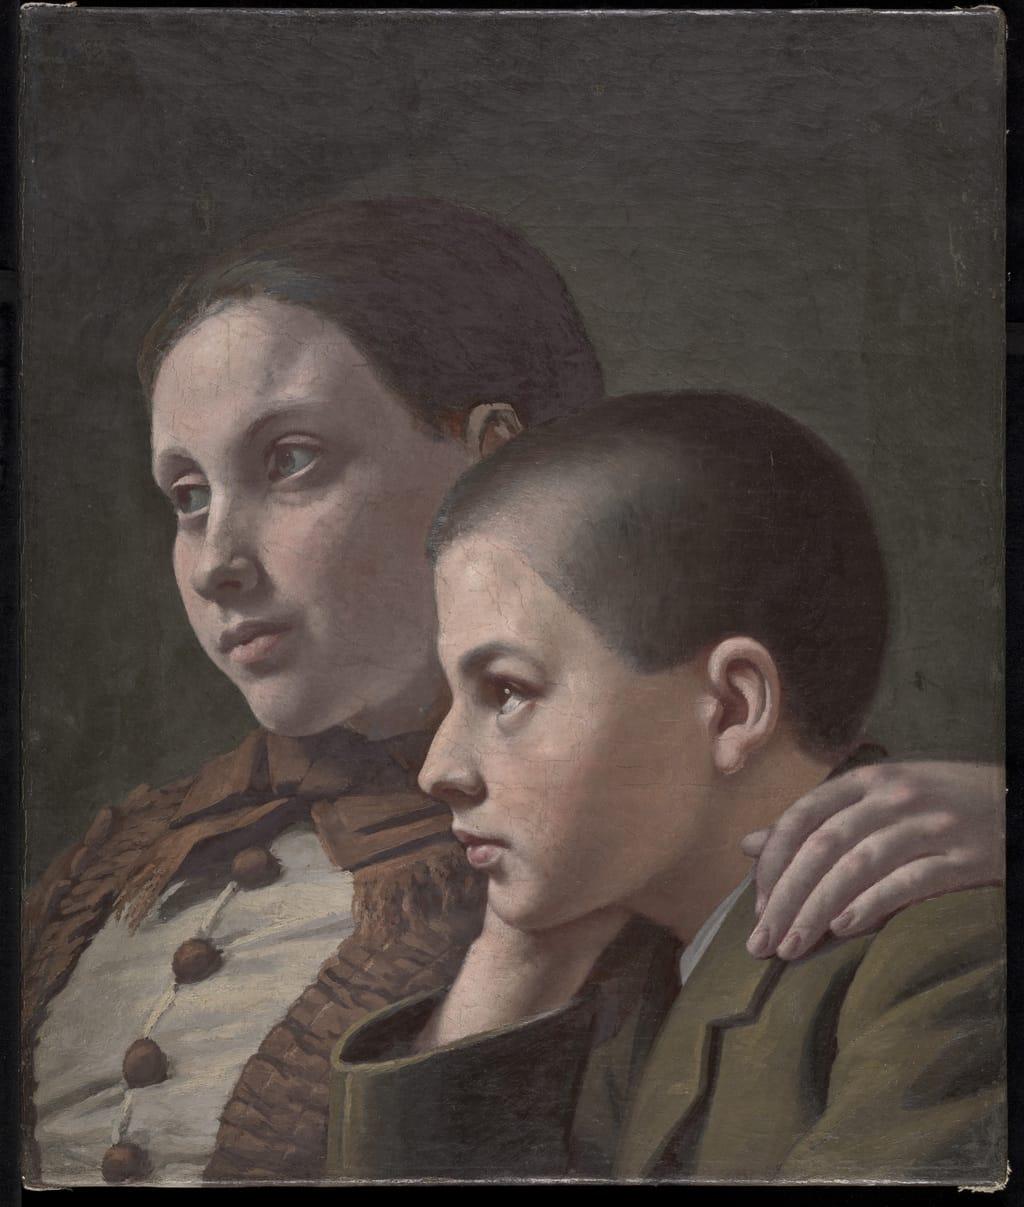 Adine et Henri Bourassa, enfants de l'artiste